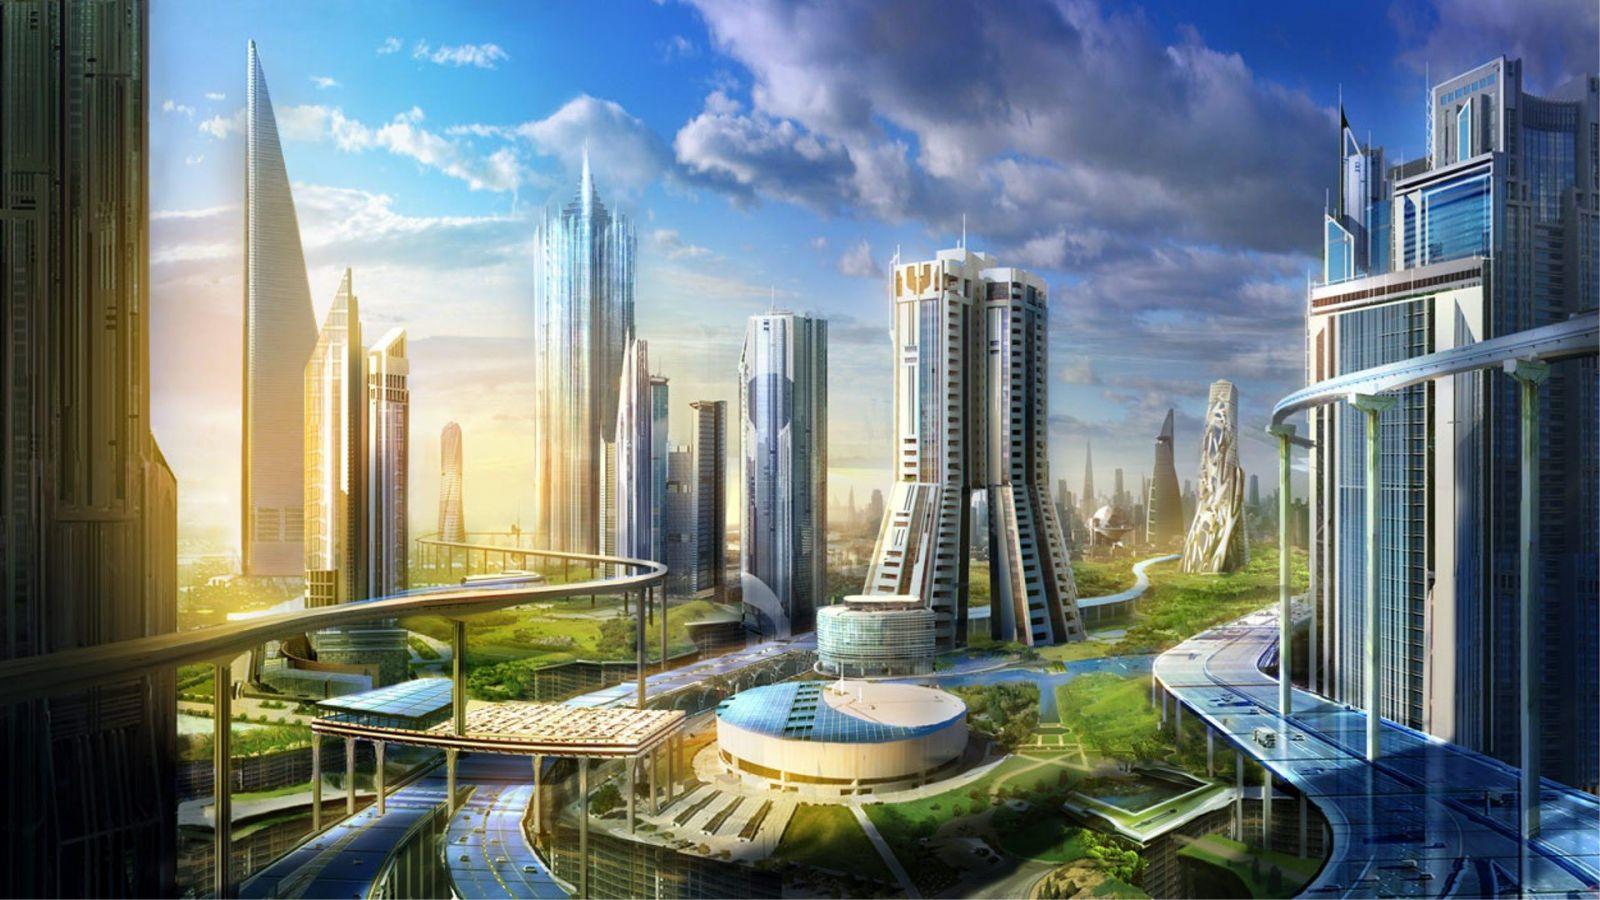 В Саудовской Аравии появится мегаполис будущего